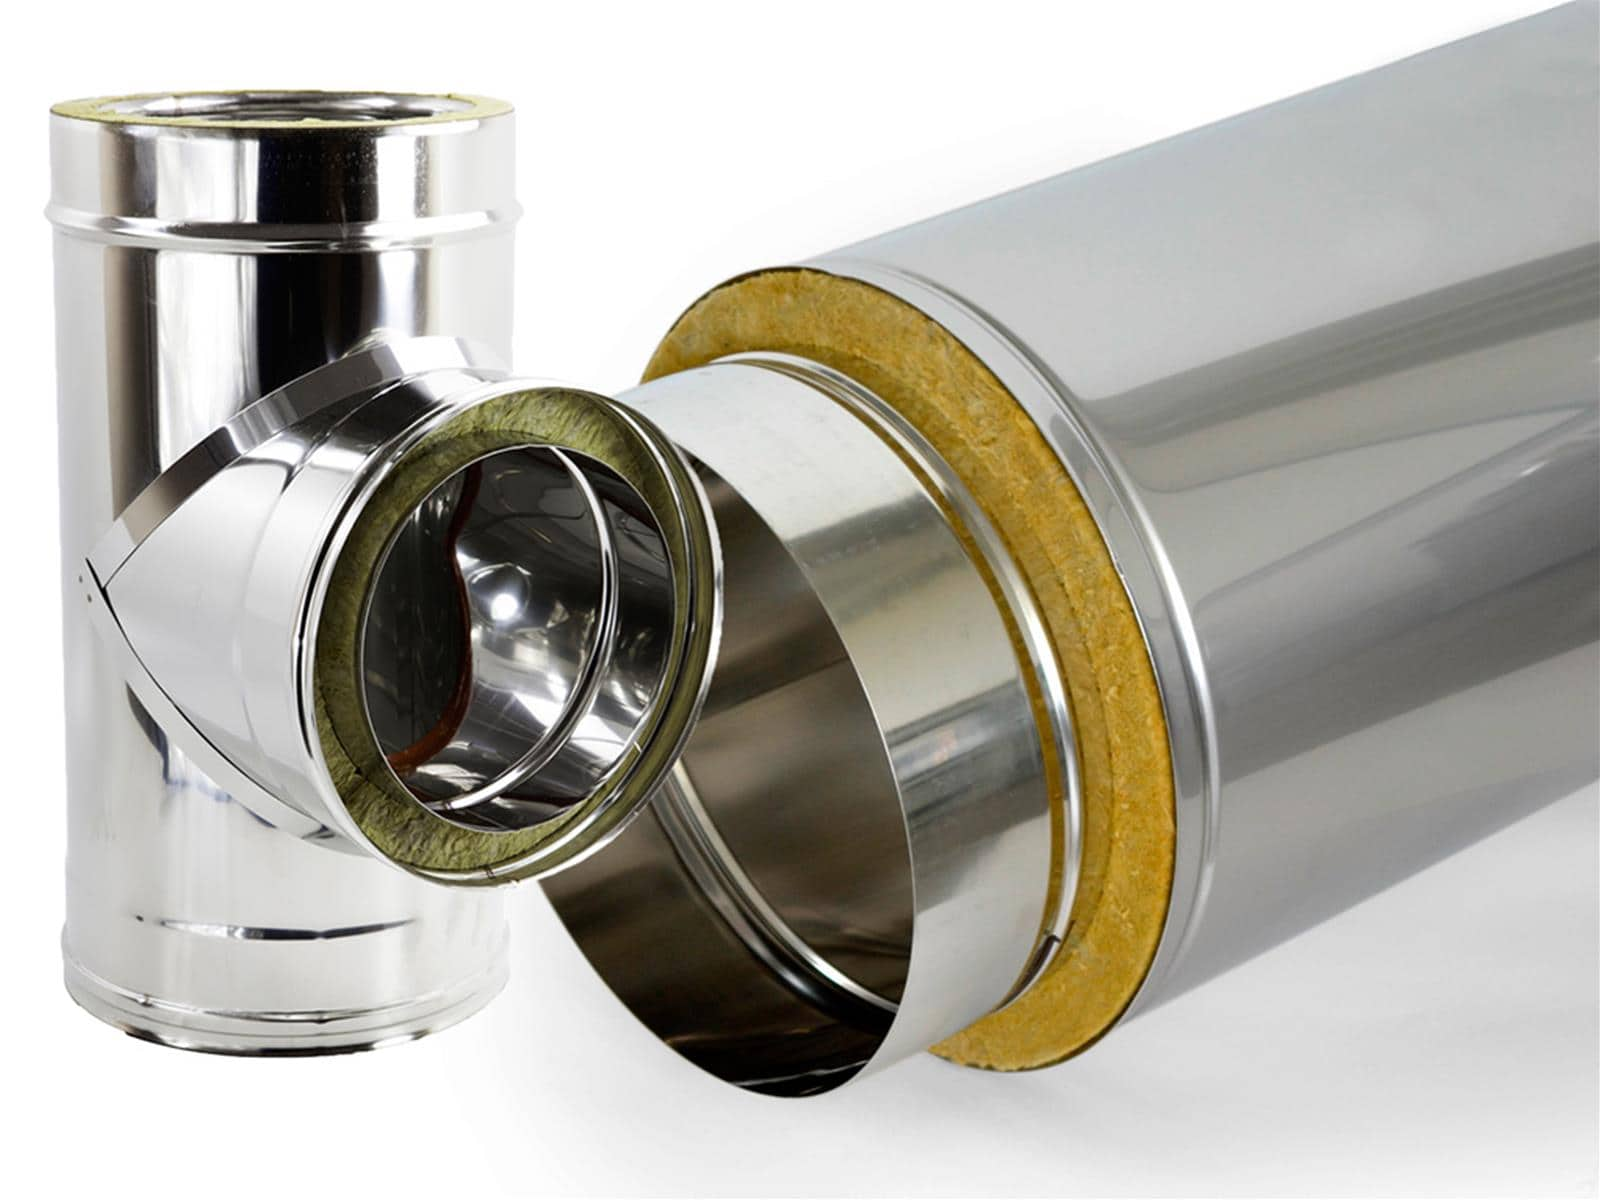 Tubo modulo acciaio inox aisi 304 canna fumaria legna pellet stufa camino ebay - Stufa a pellet canna fumaria ...